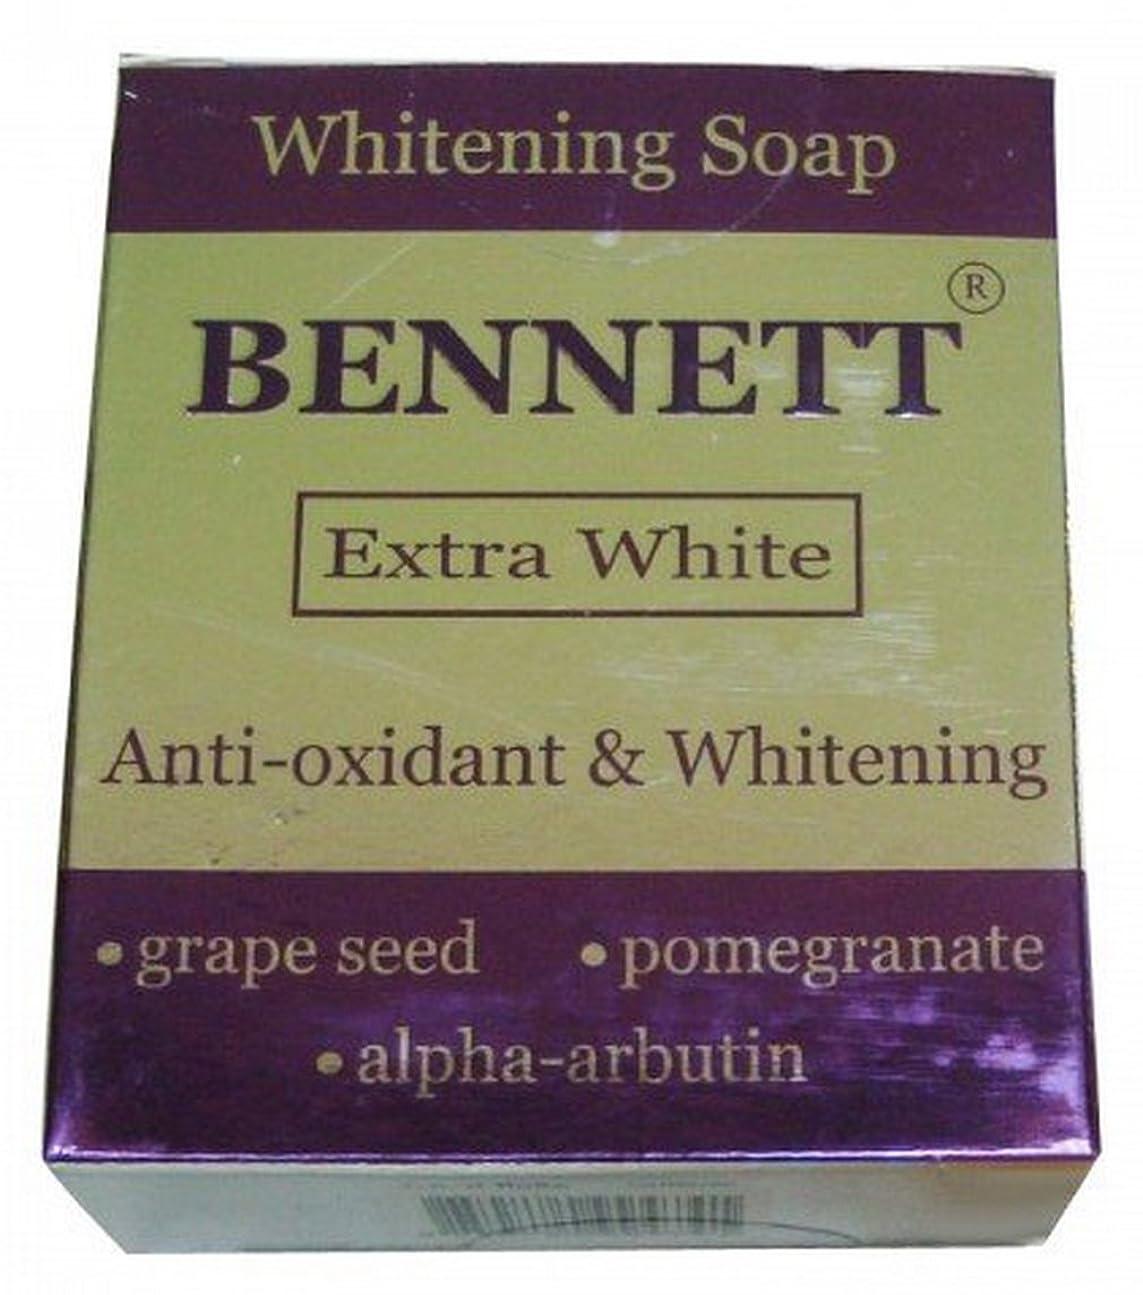 ジャベスウィルソン珍味接続新しいBennett Extraホワイトanti-oxidantアルファアルブチンExtreme Whitening Soap 130?g / 4.6oz